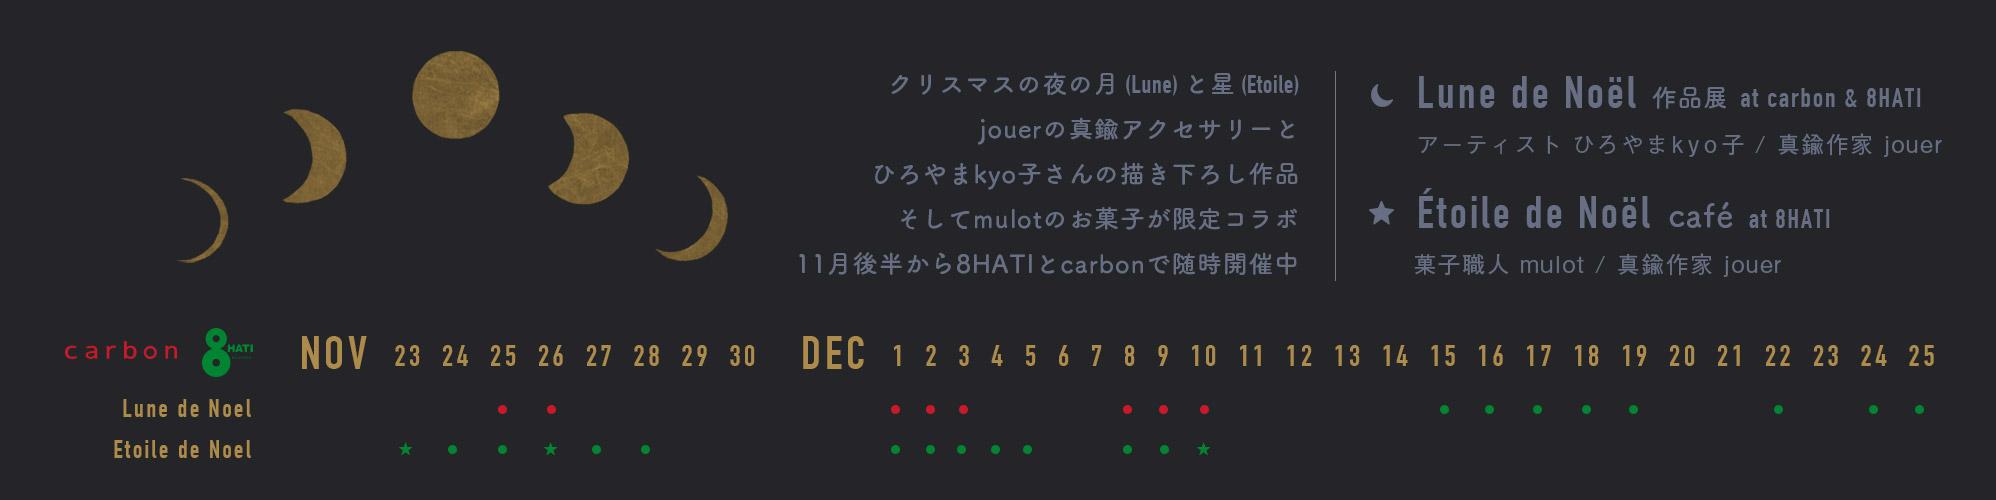 Lune de Noel & Etoile de Noel at carbon & 8HATI